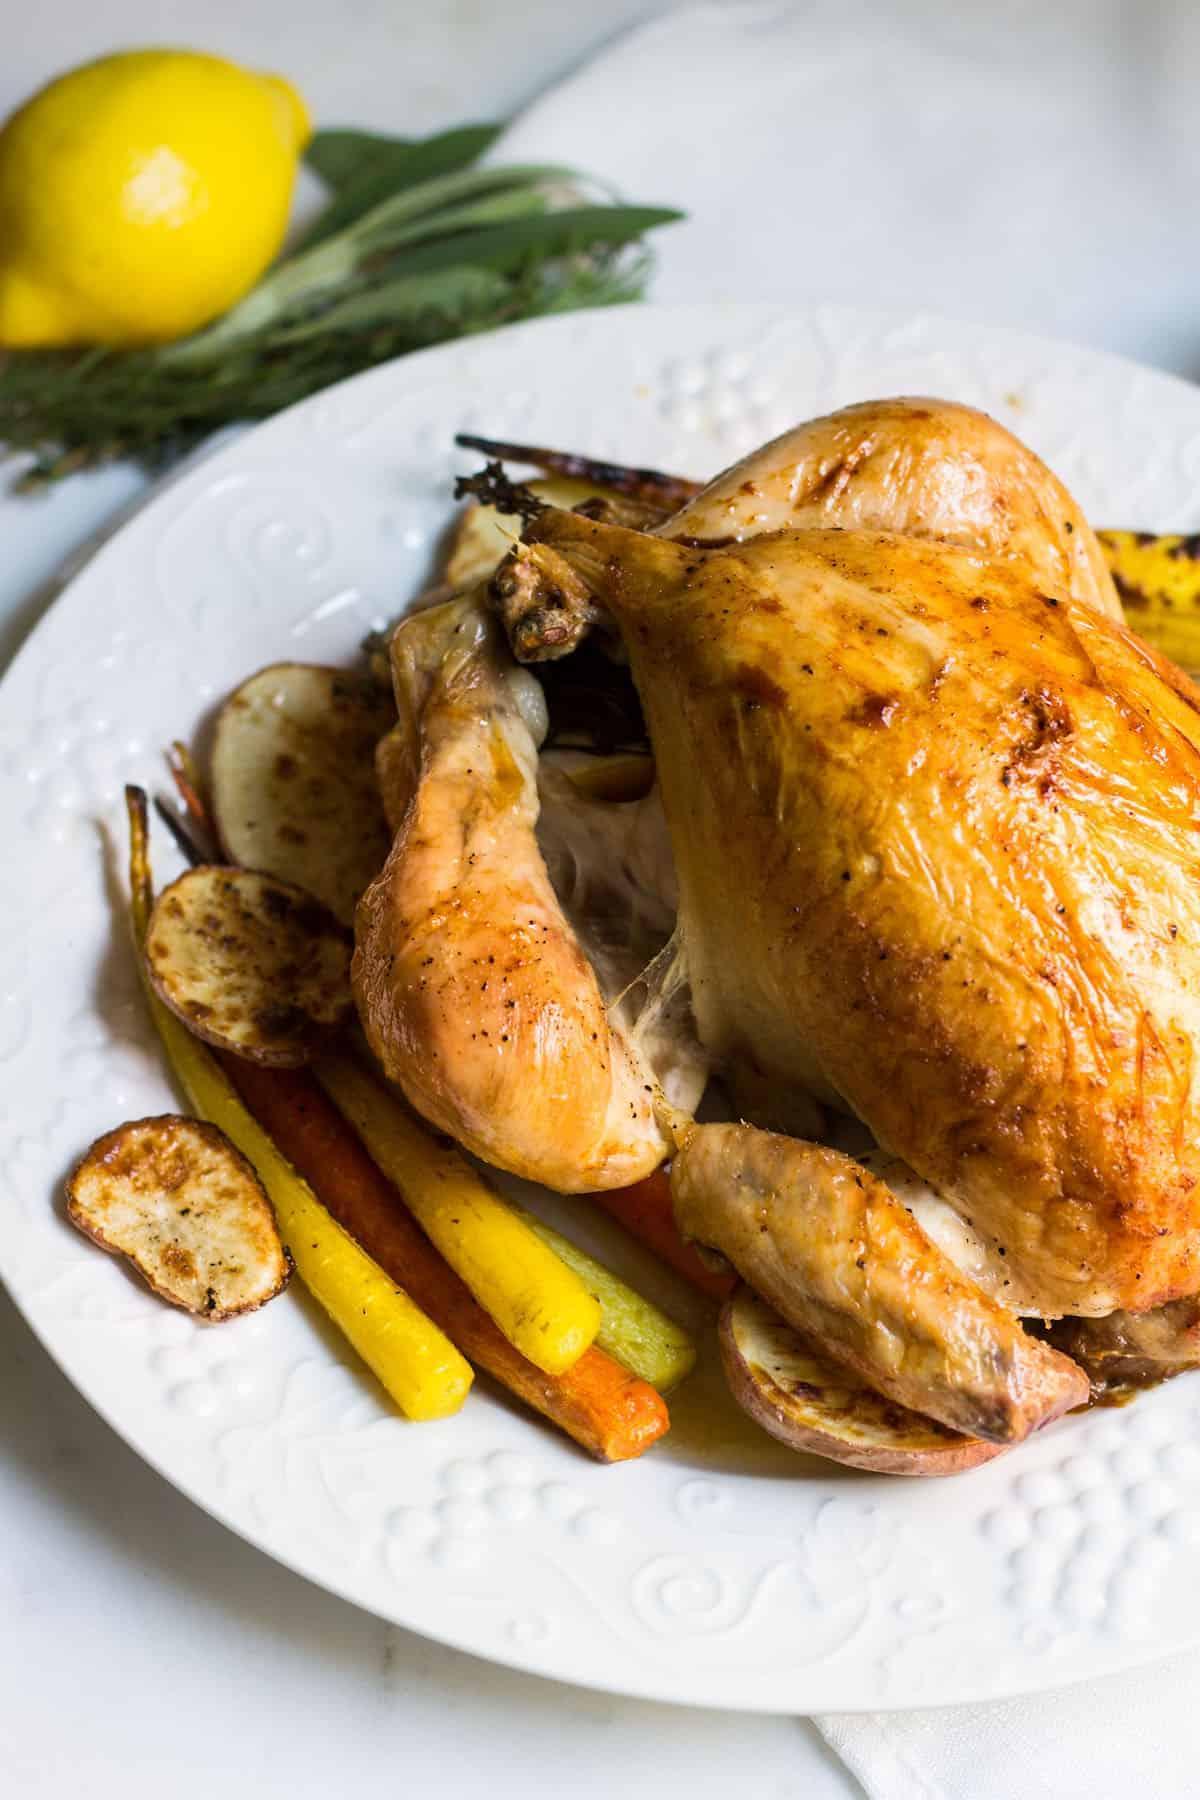 Baked Chicken Recipes Videos